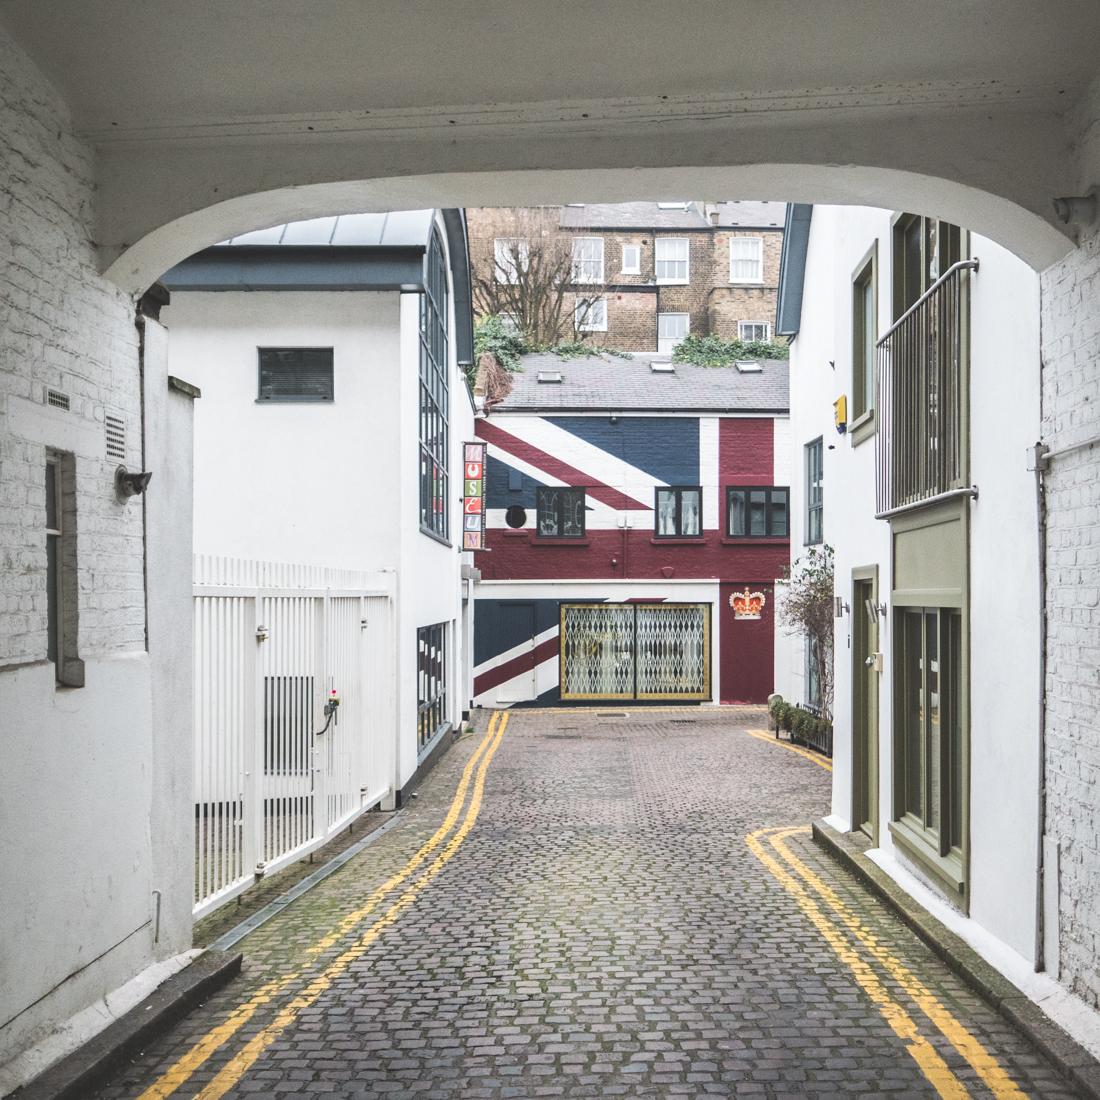 london cityguide abritel shoreditch copyright Pauline paulinefashionblog com 33 Un week end à Londres